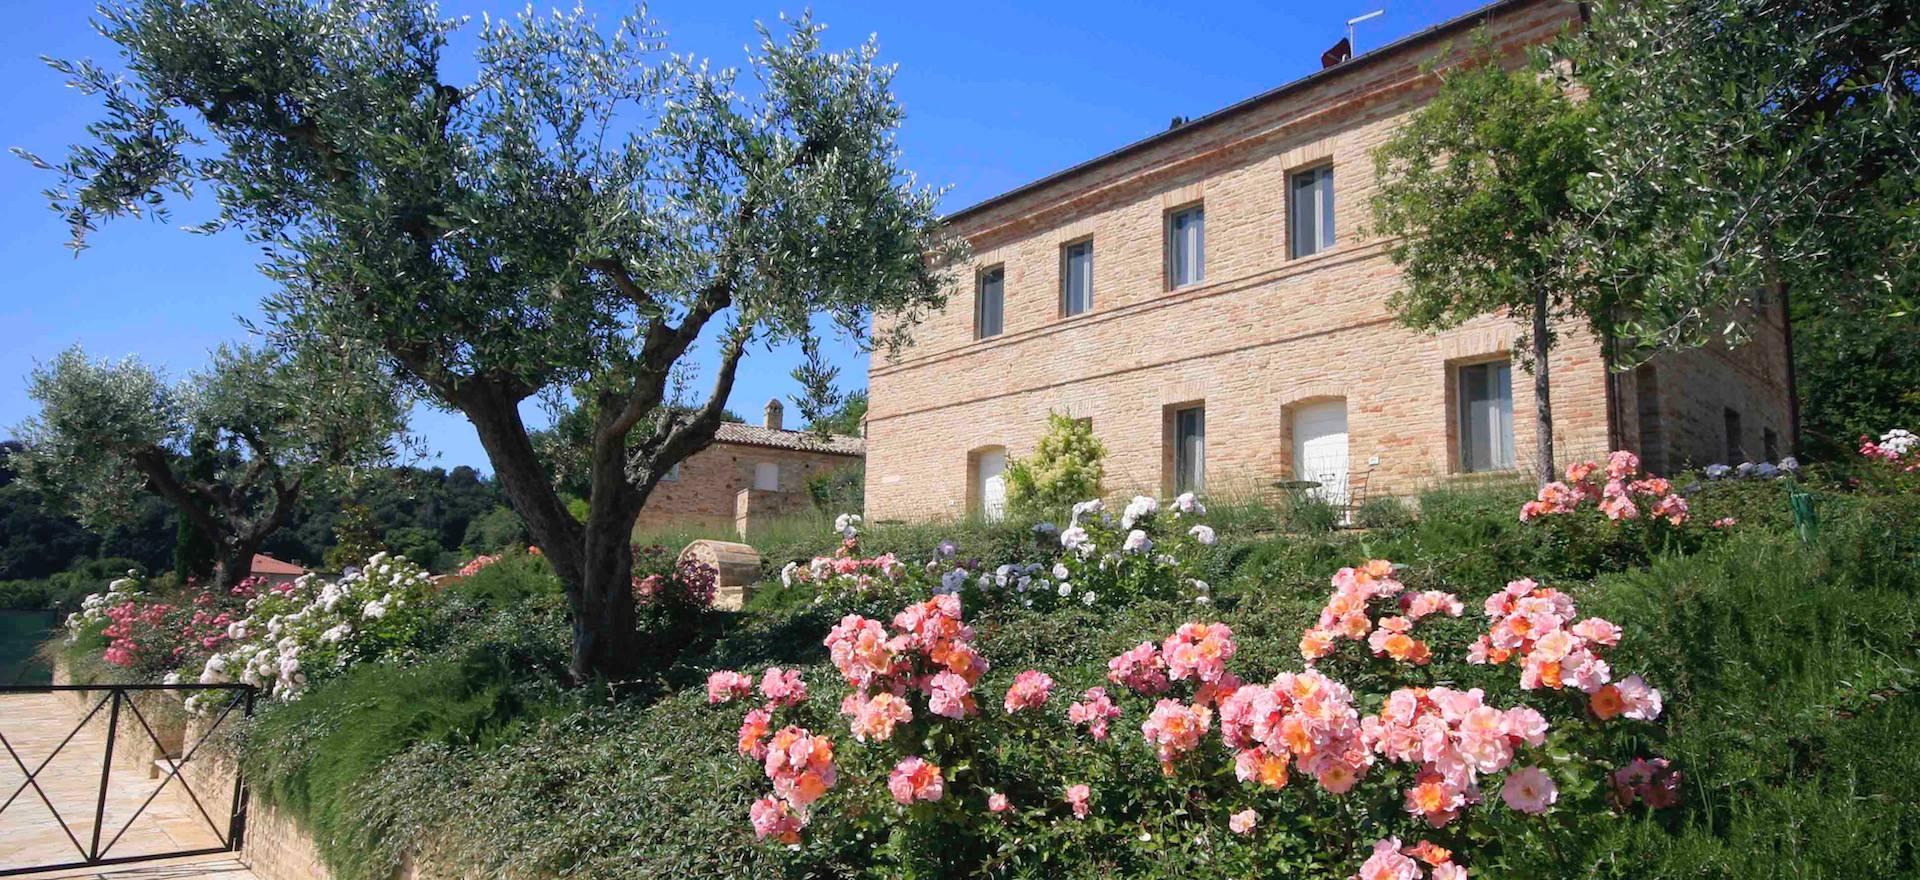 Agriturismo Marche Agriturismo Marche, camere eleganti e vista mare